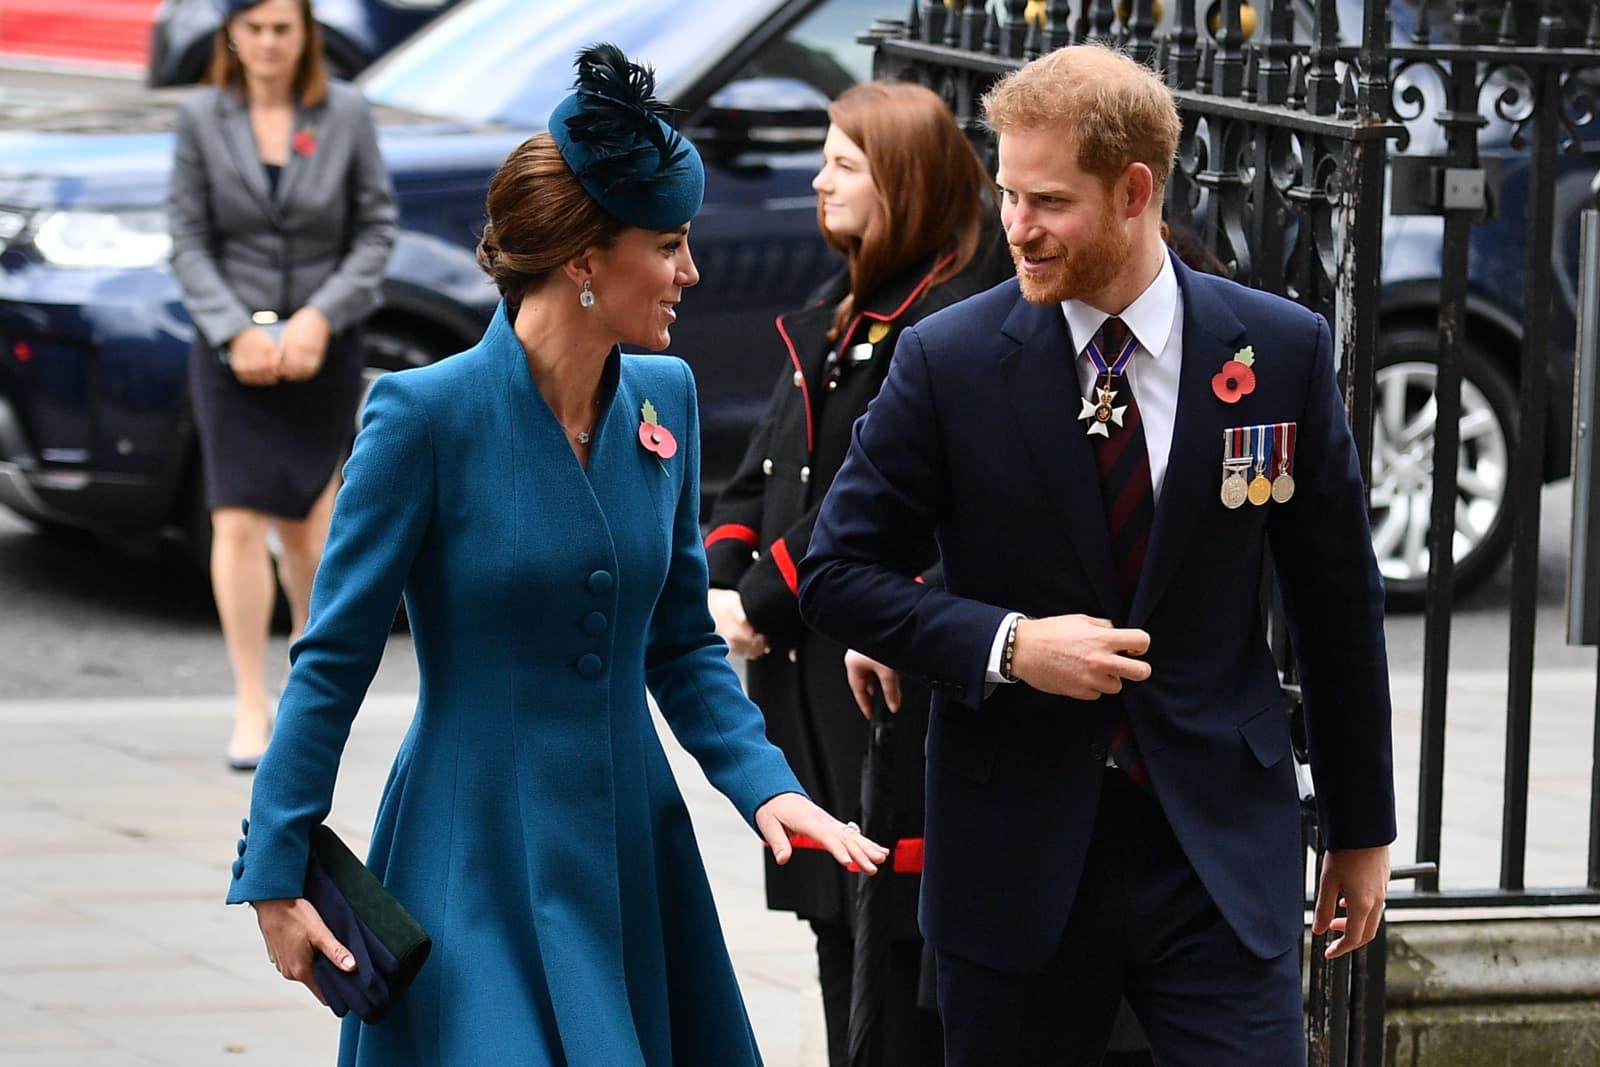 Royal-Baby wohl noch nicht da: Prinz Harry mit Kate unterwegs